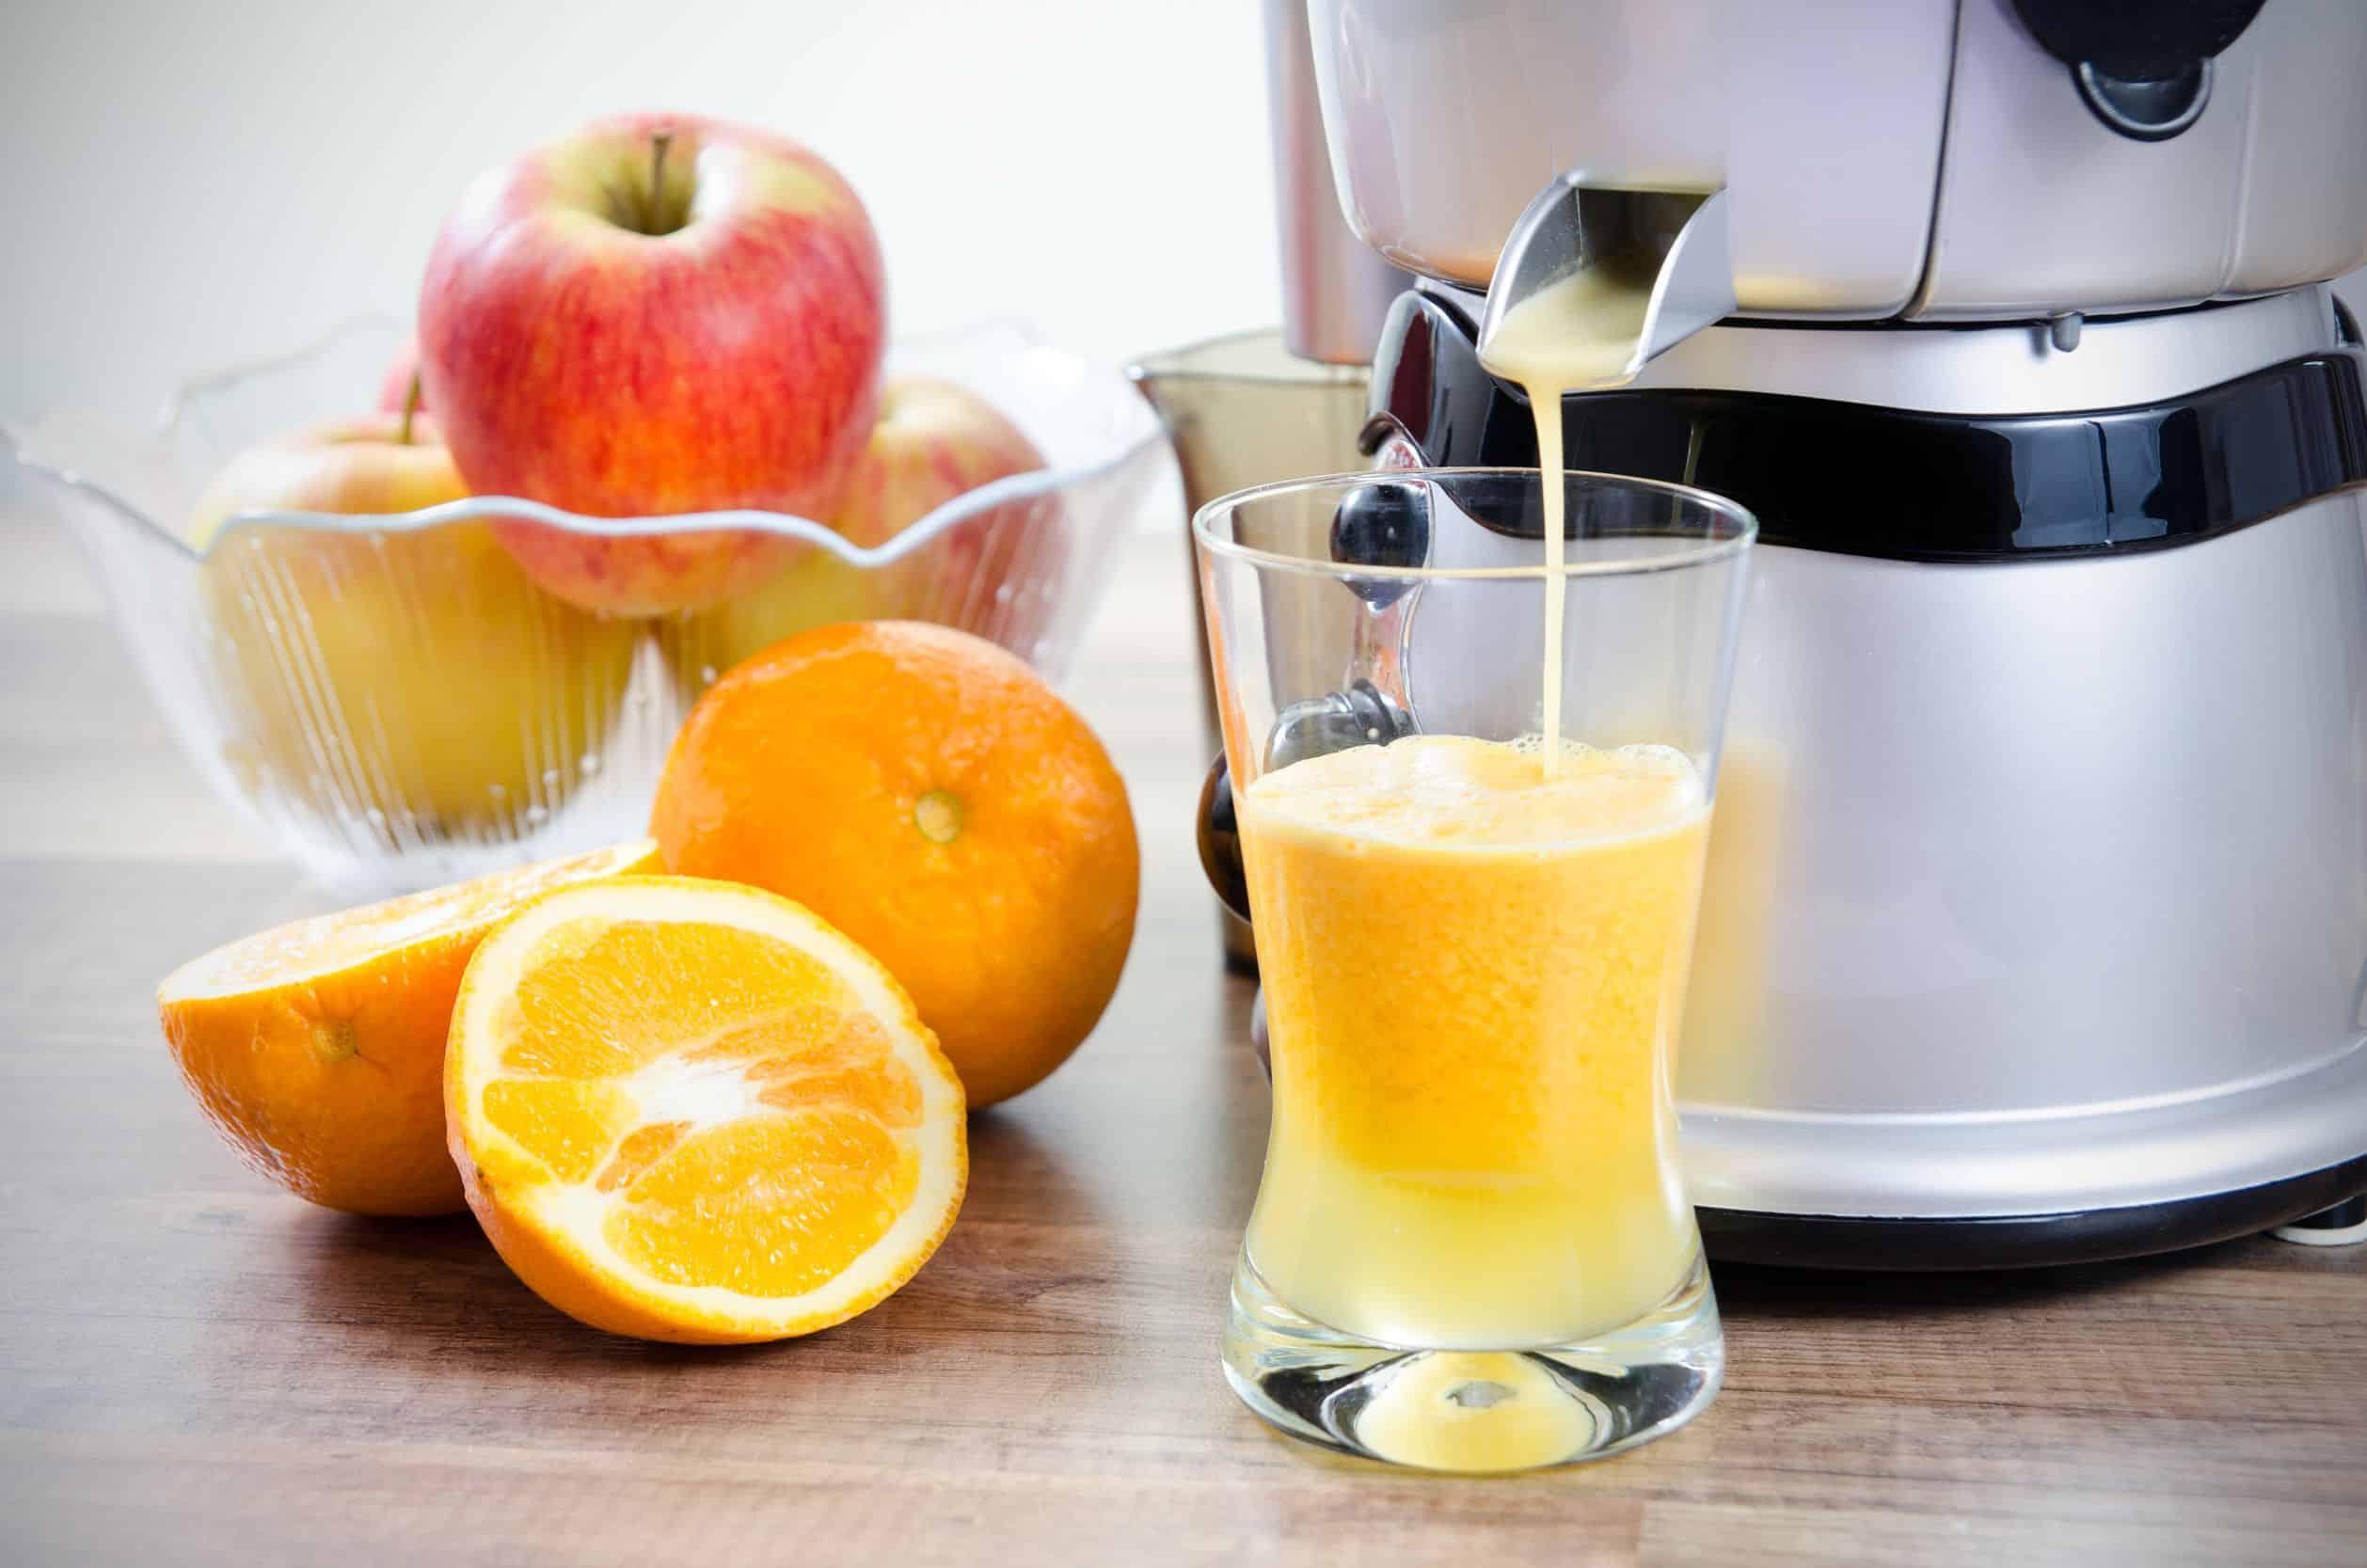 Fruchtpresse: Test & Empfehlungen (01/21)